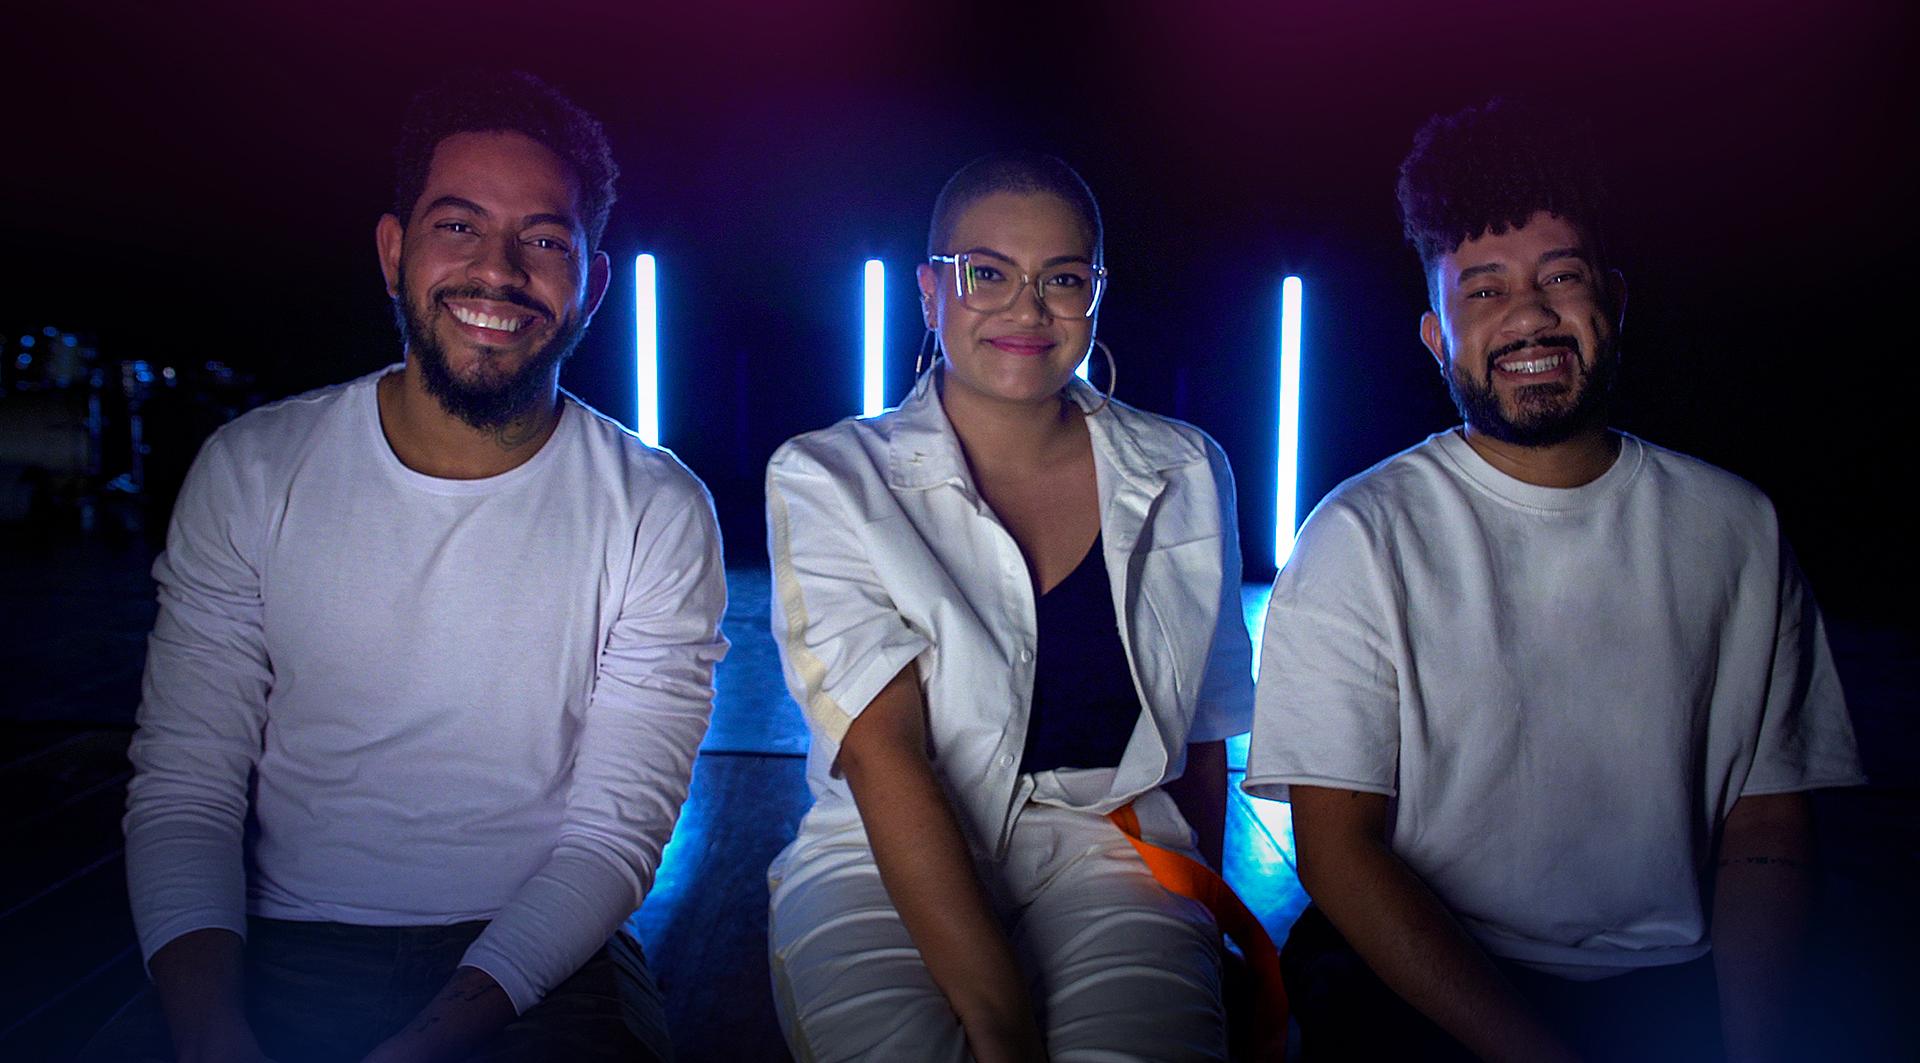 Terceira edição da Campanha Sintonia do Bem traz todo o swing e a alegria do grupo Preto no Branco